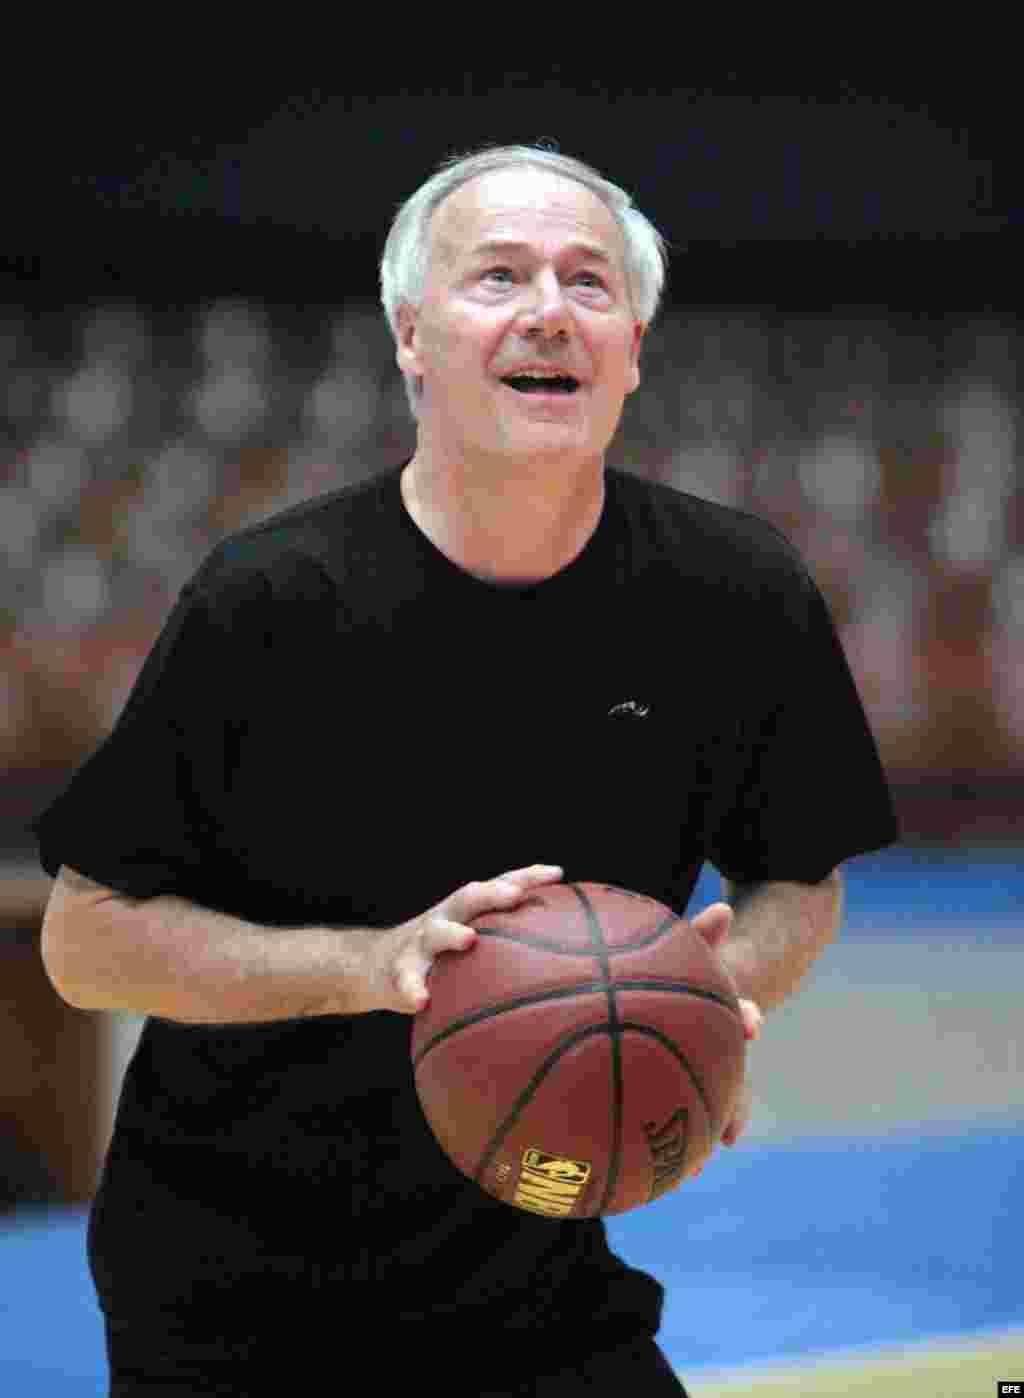 El gobernador de Arkansas, Asa Hutchinson, participa en un juego de Baloncesto en La Habana. EFE